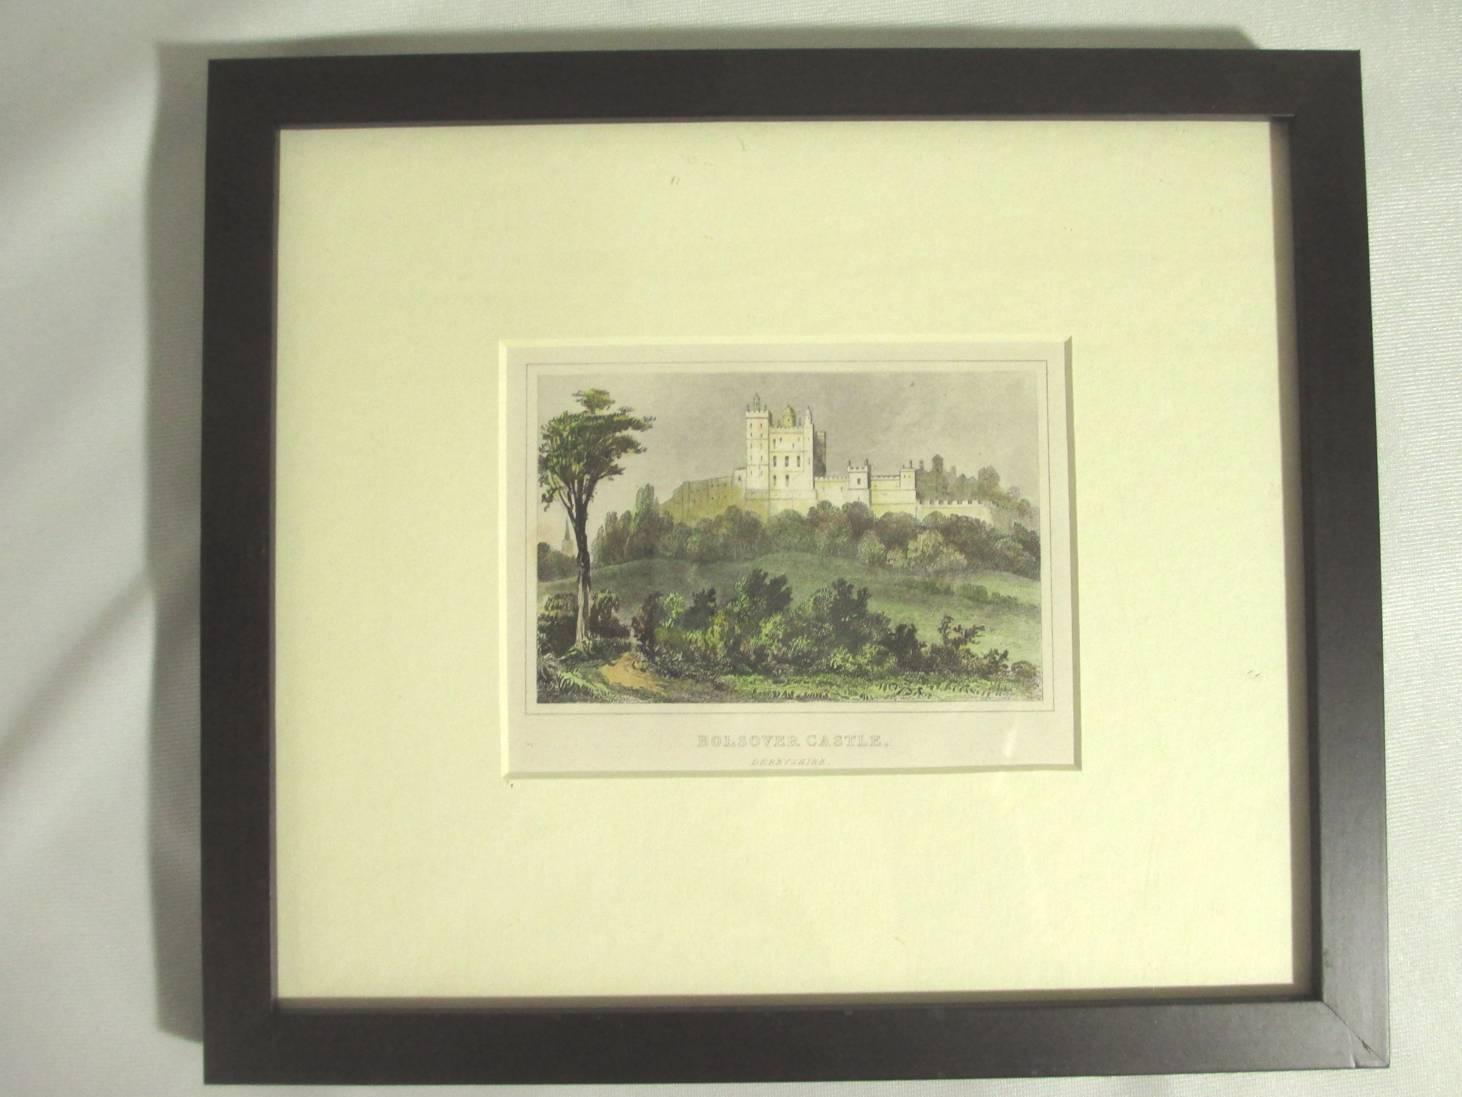 【19世紀英国アンティーク】白い城の風景の版画